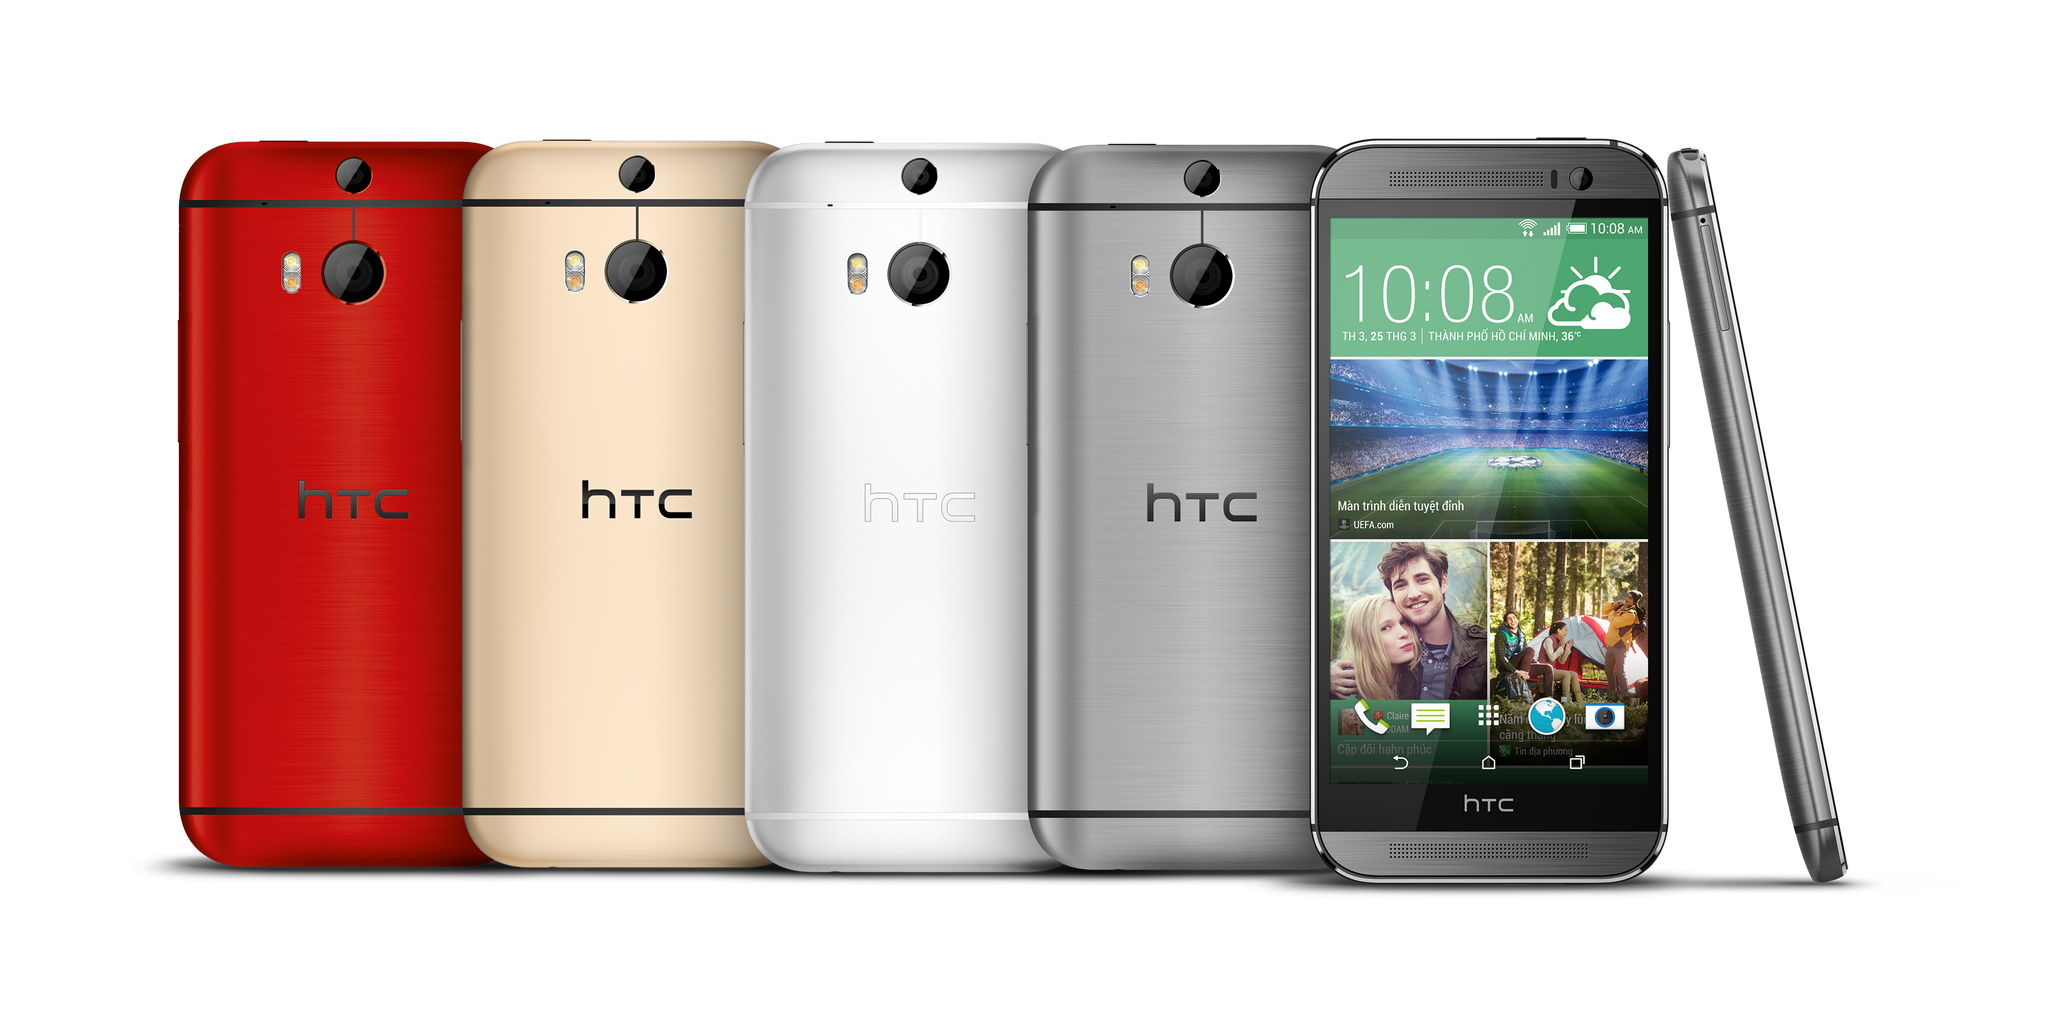 HTC One M8 - HTC One (M8) nhận bản nâng cấp cuối trước khi lên Android L